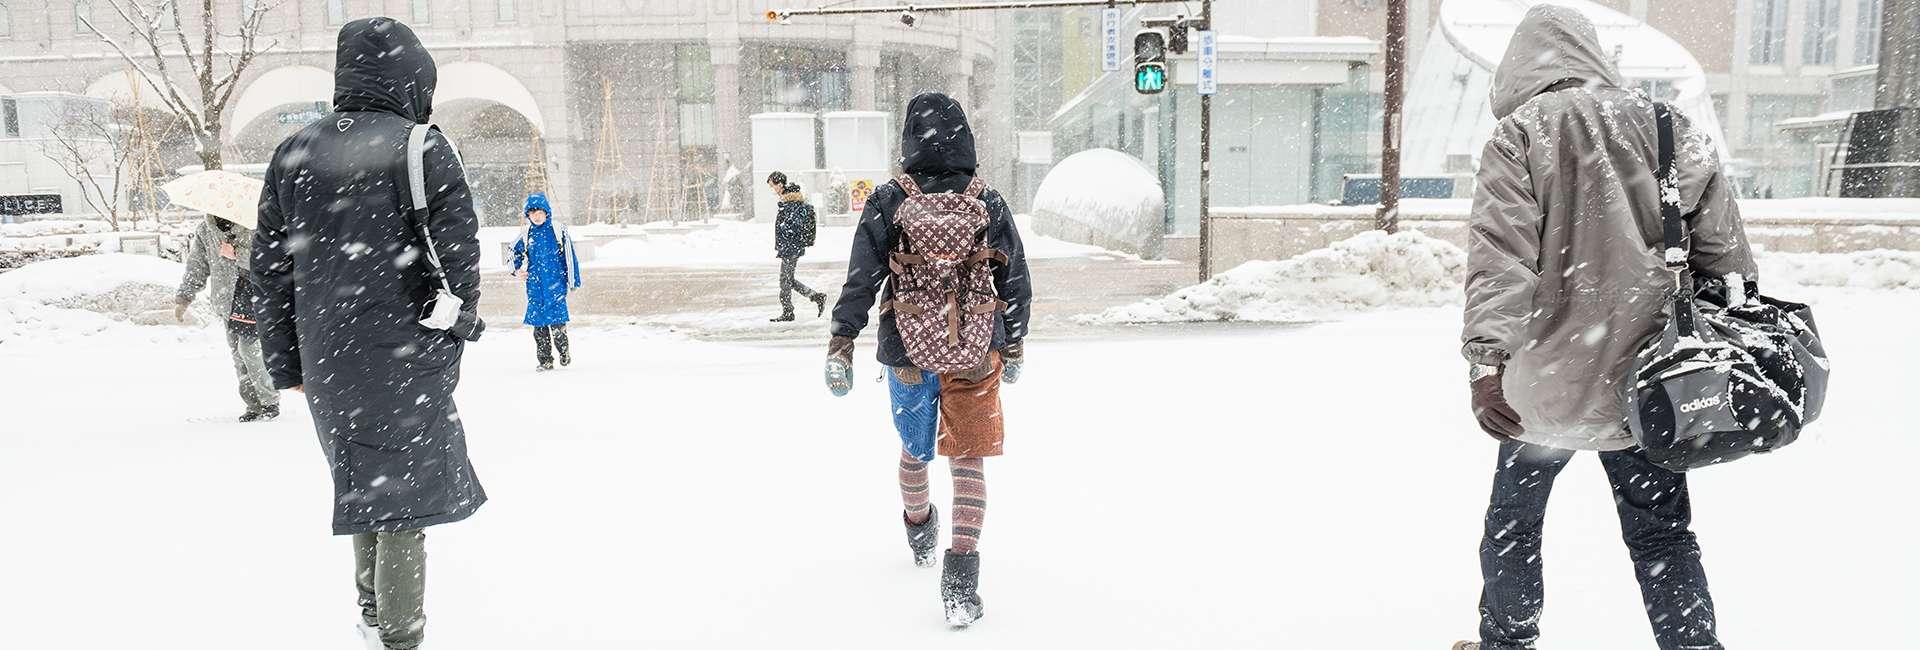 Sapporo en hiver sous la neige